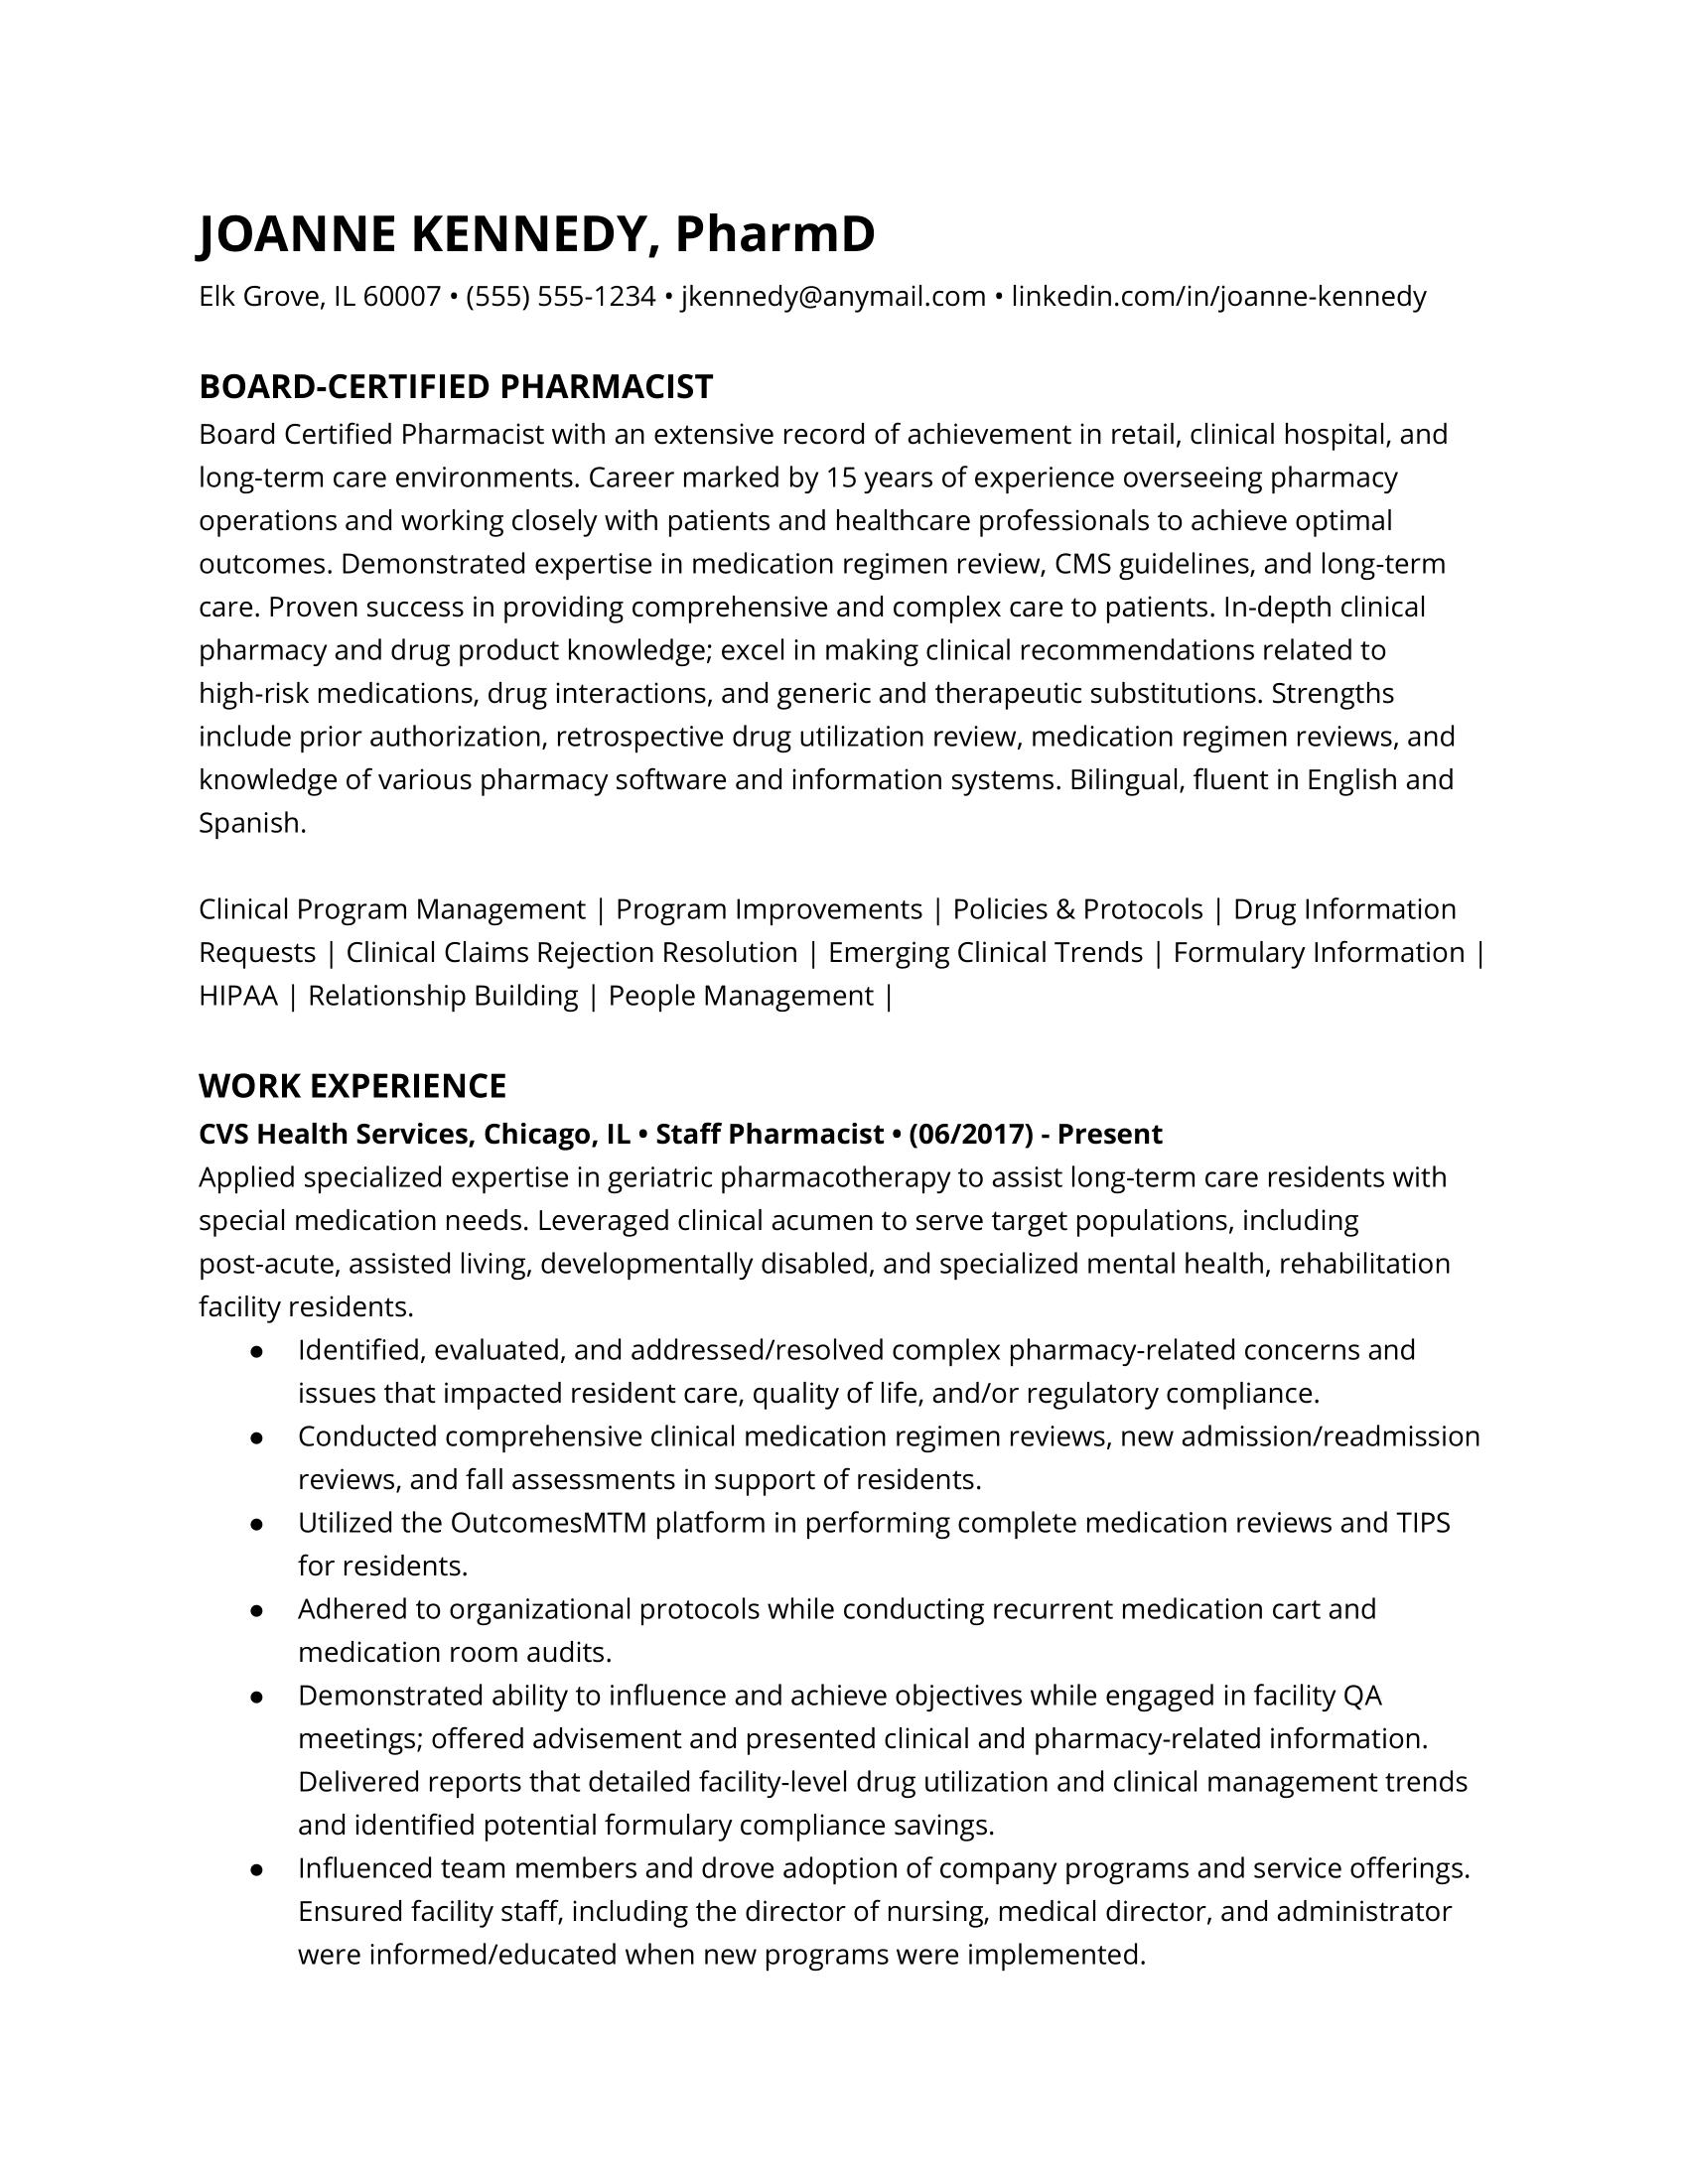 Pharmacist resume example